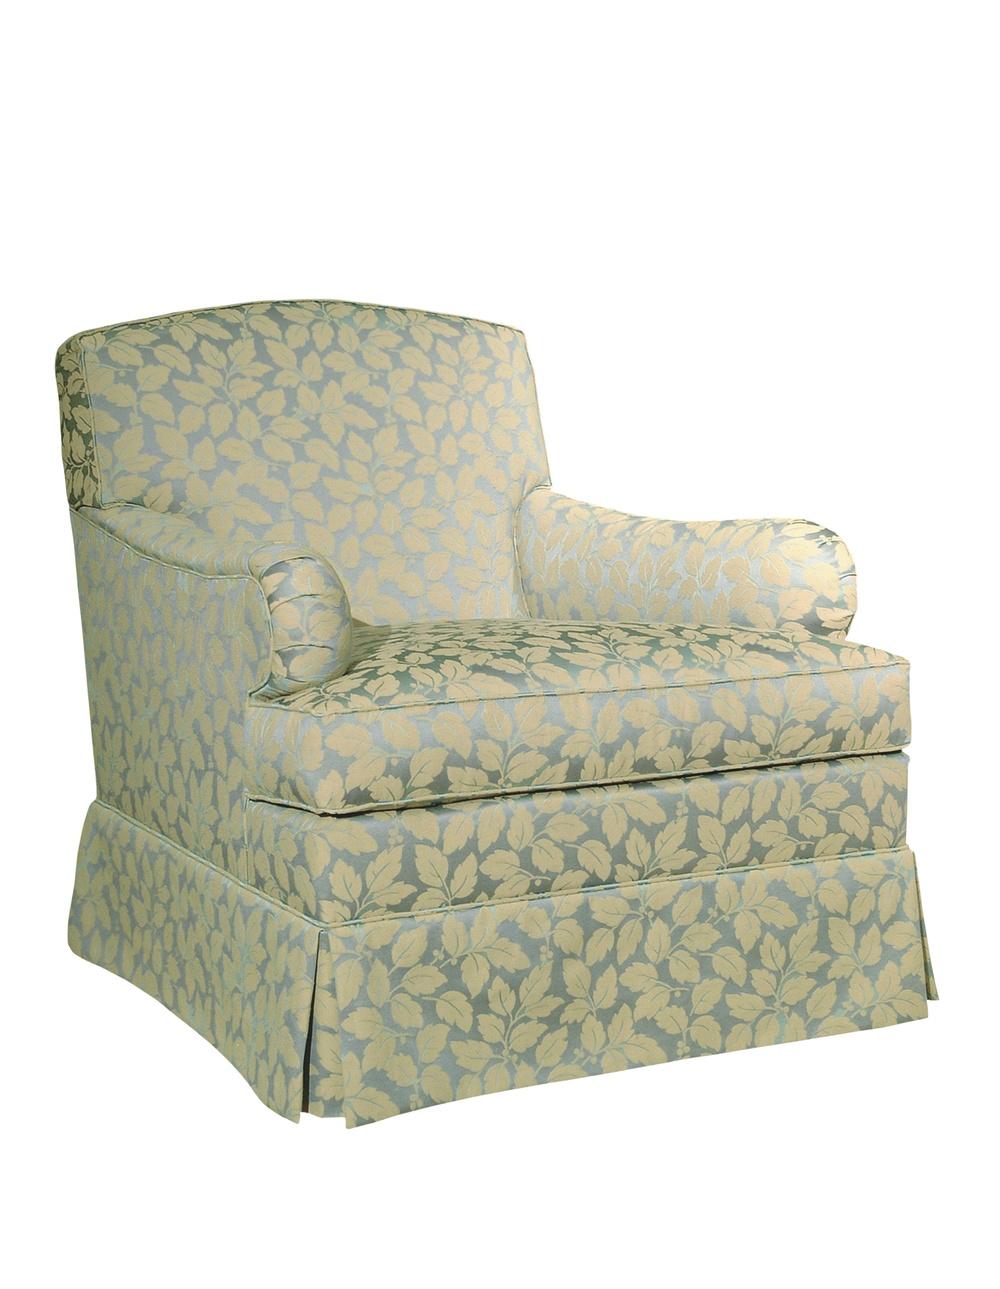 Hickory Chair - Paris Glider Chair